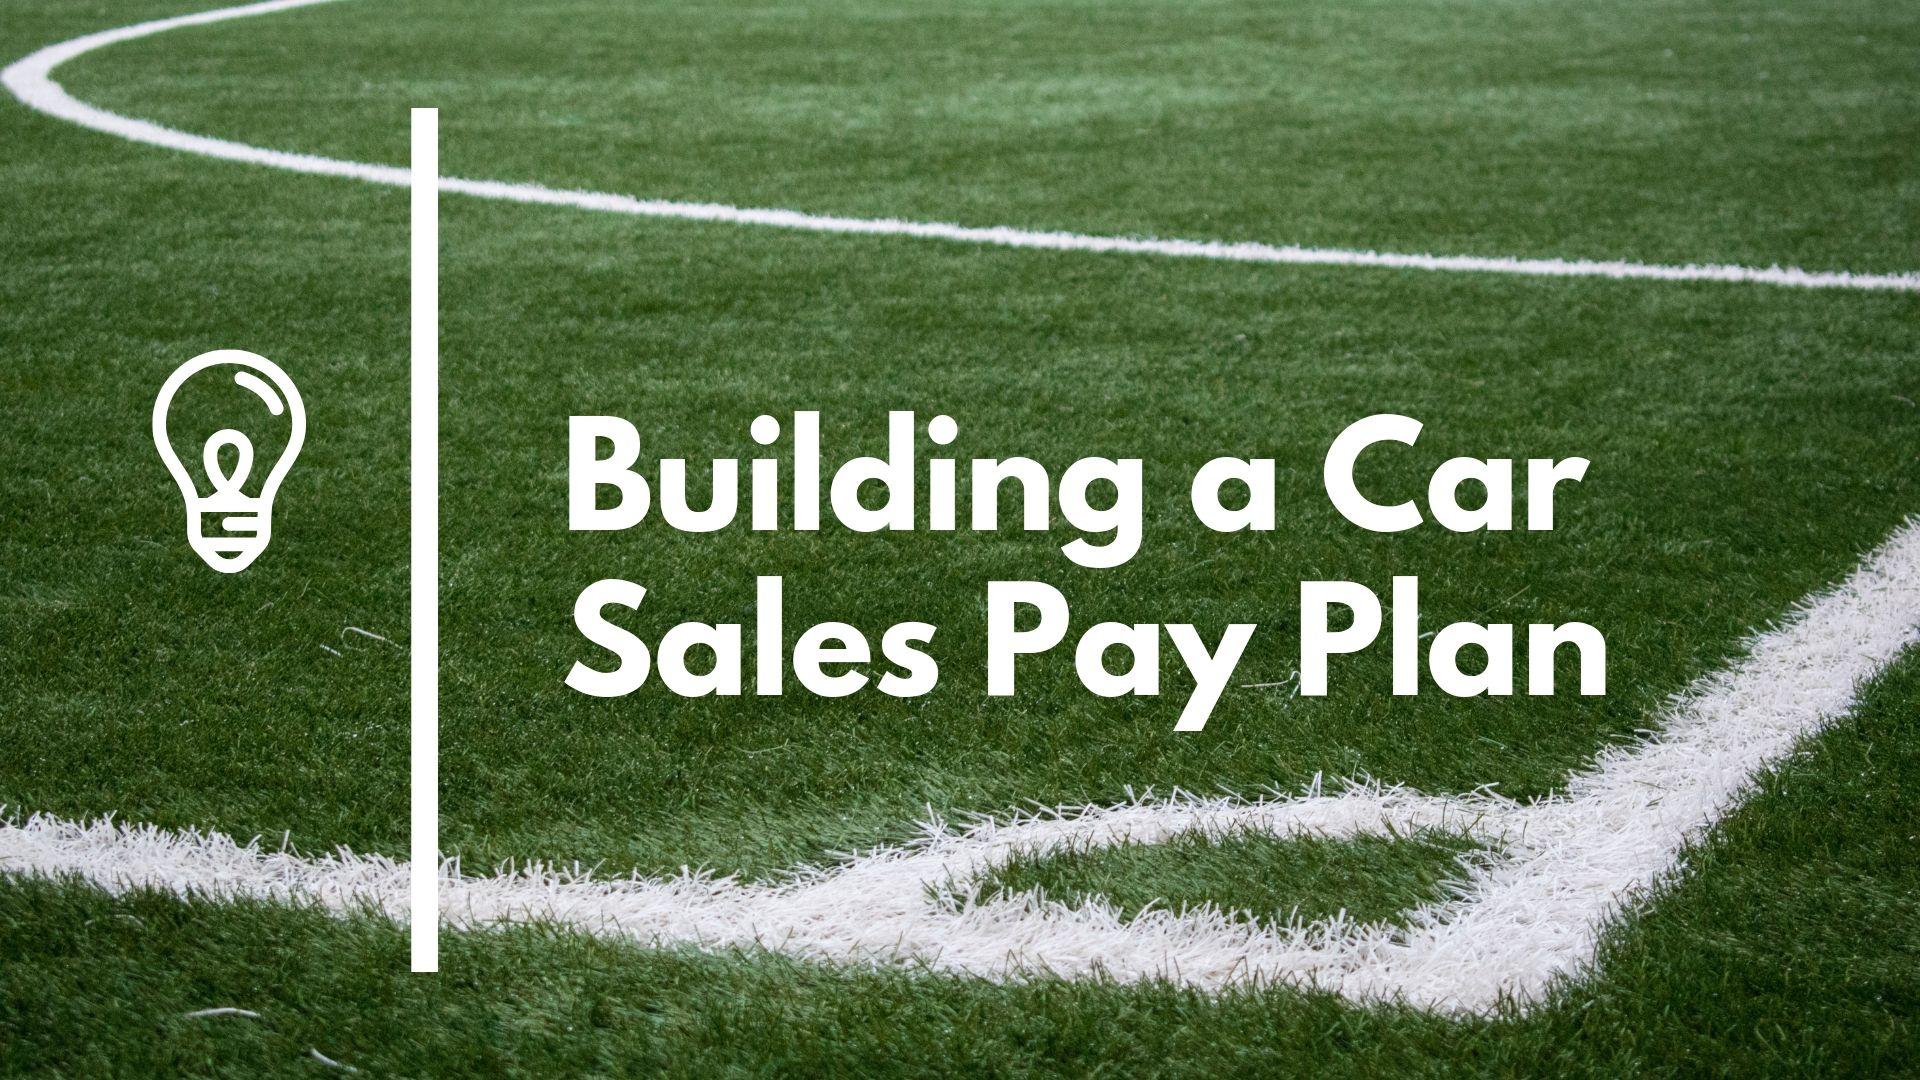 Car Salesman Salary: Car Salesman Pay Plan